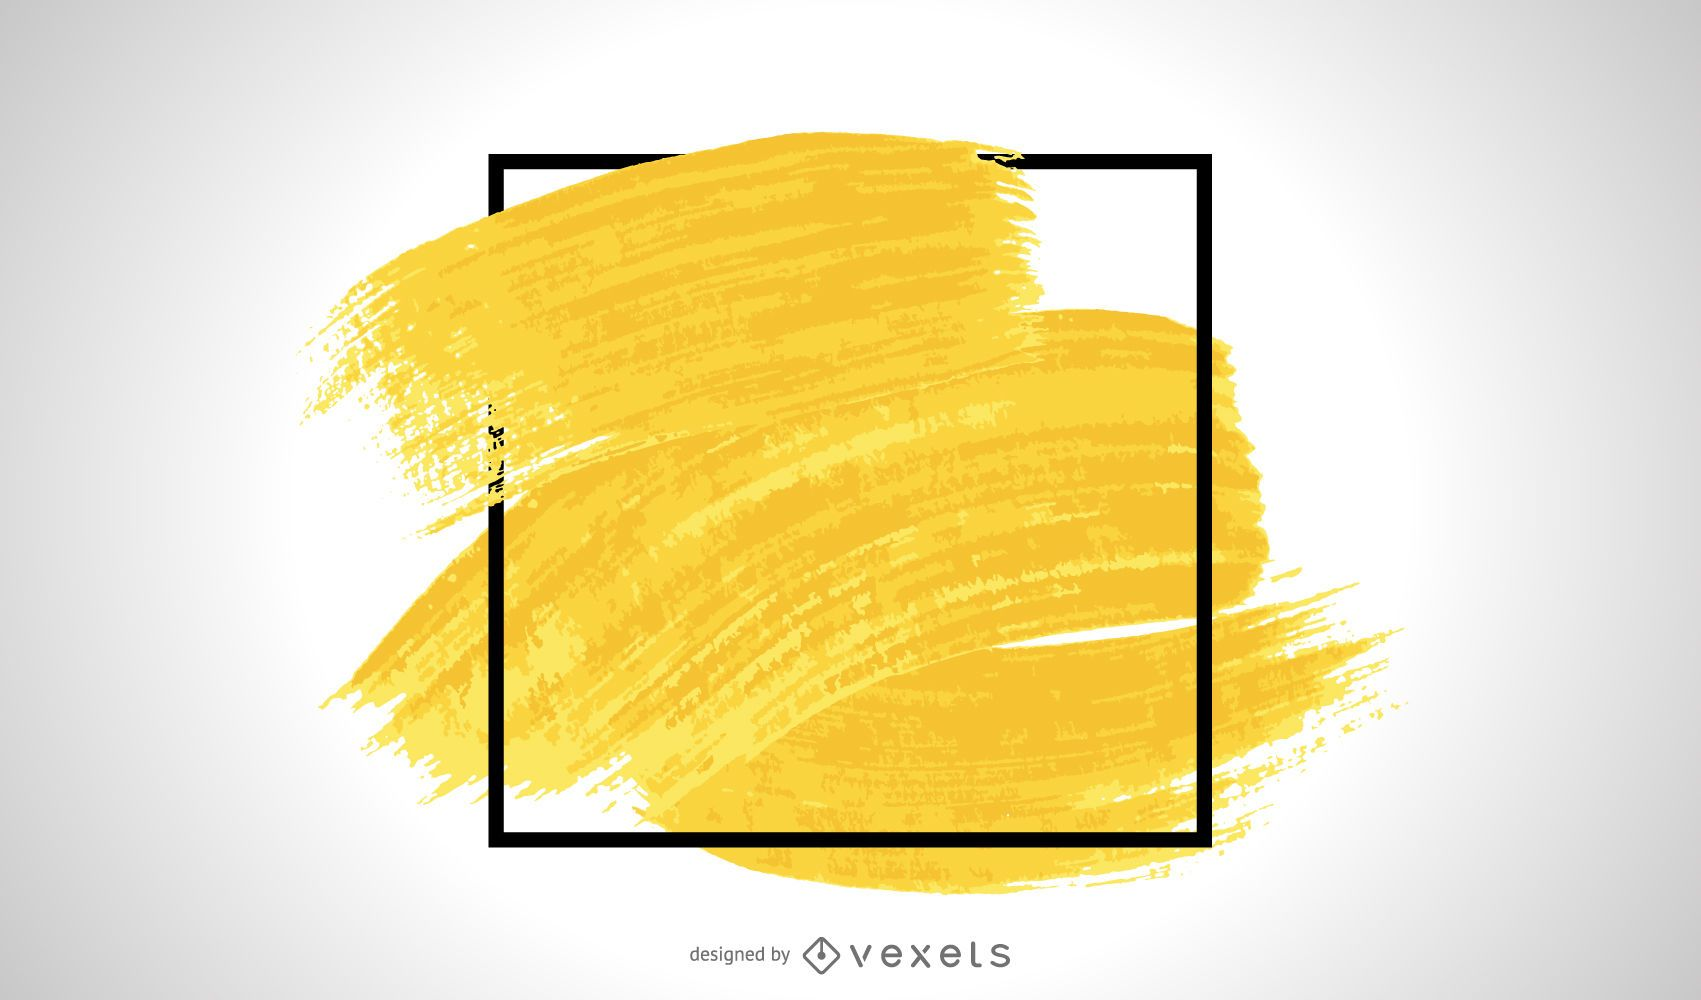 Quadro de pincelada amarela